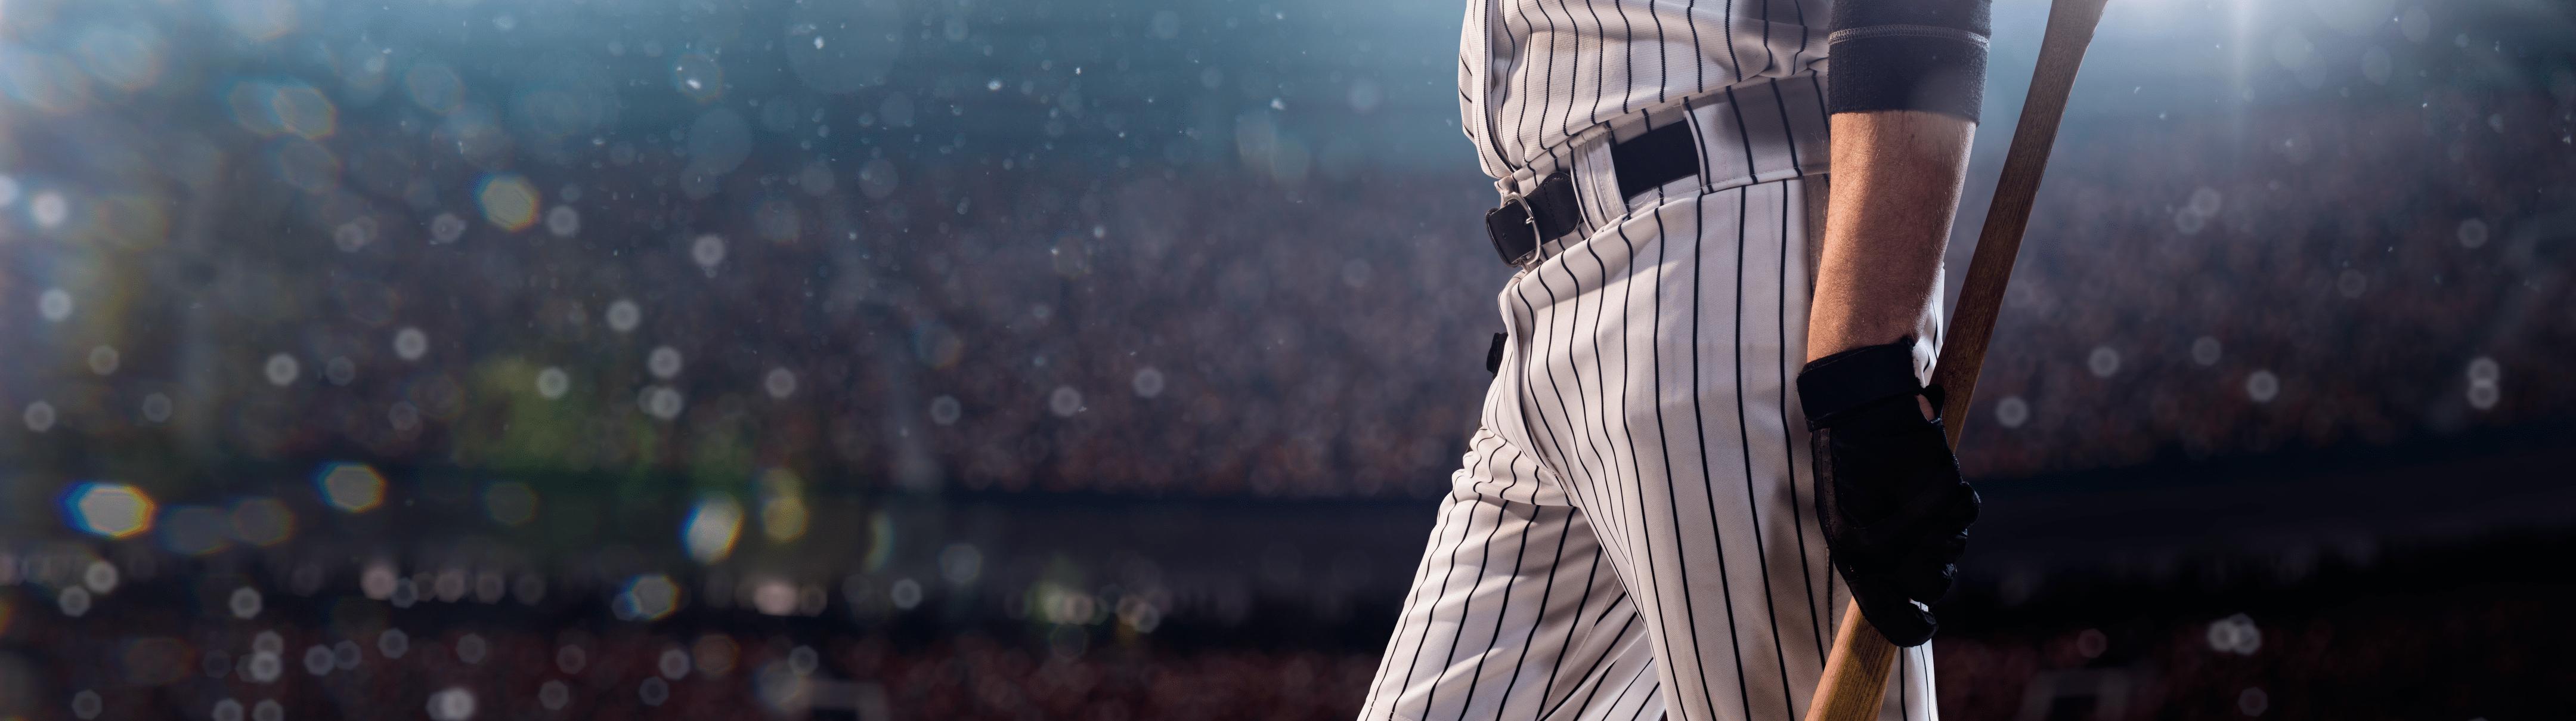 軟式野球players playersヒーロー画像